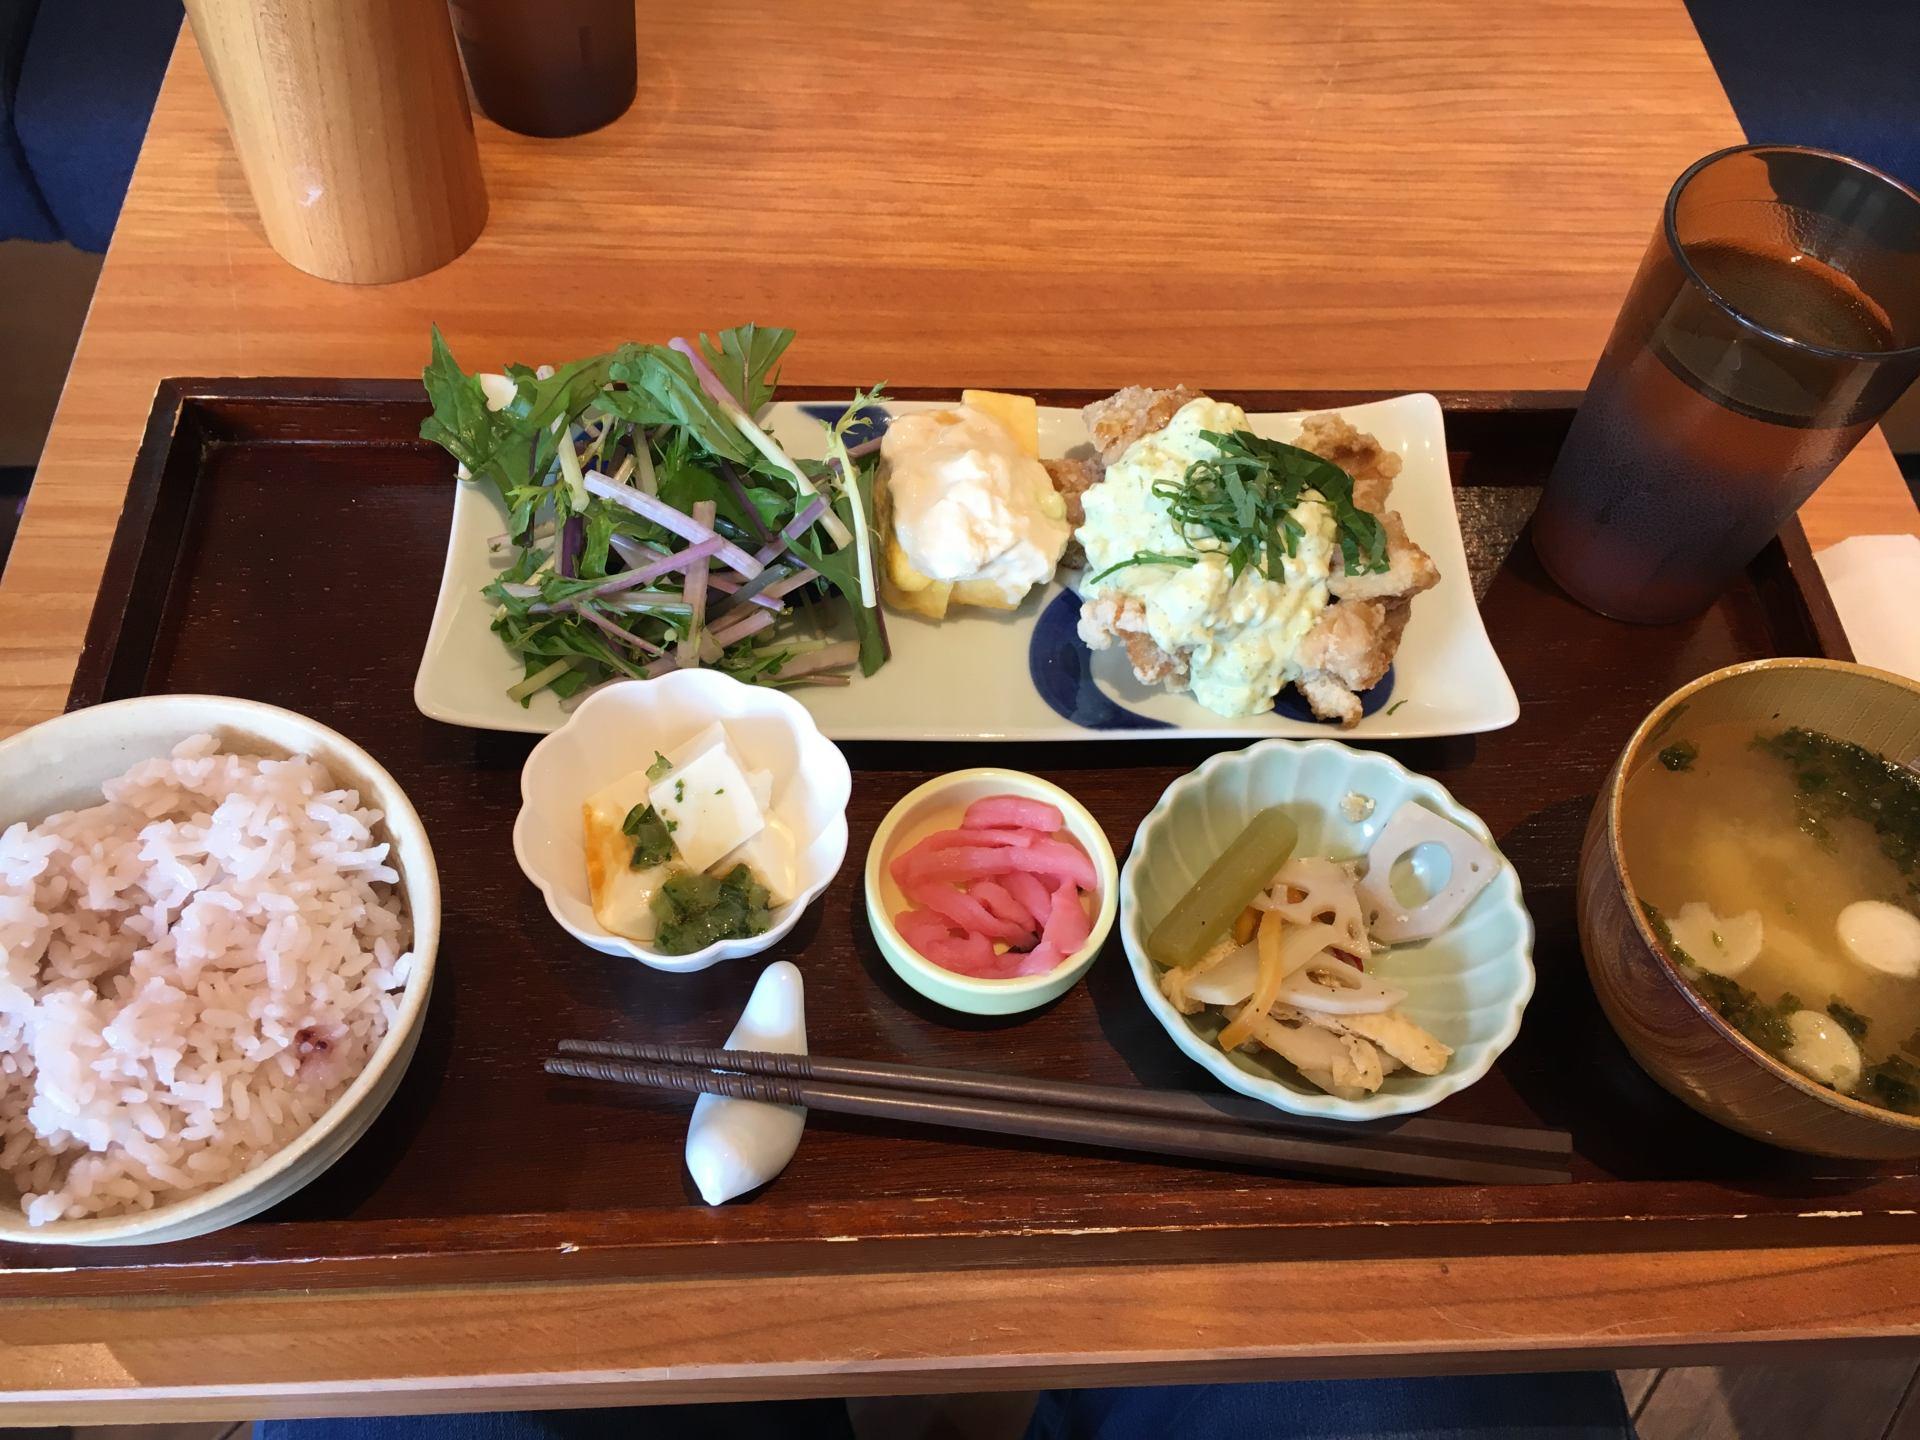 南蛮鸡定食 (1200日圆 未税)